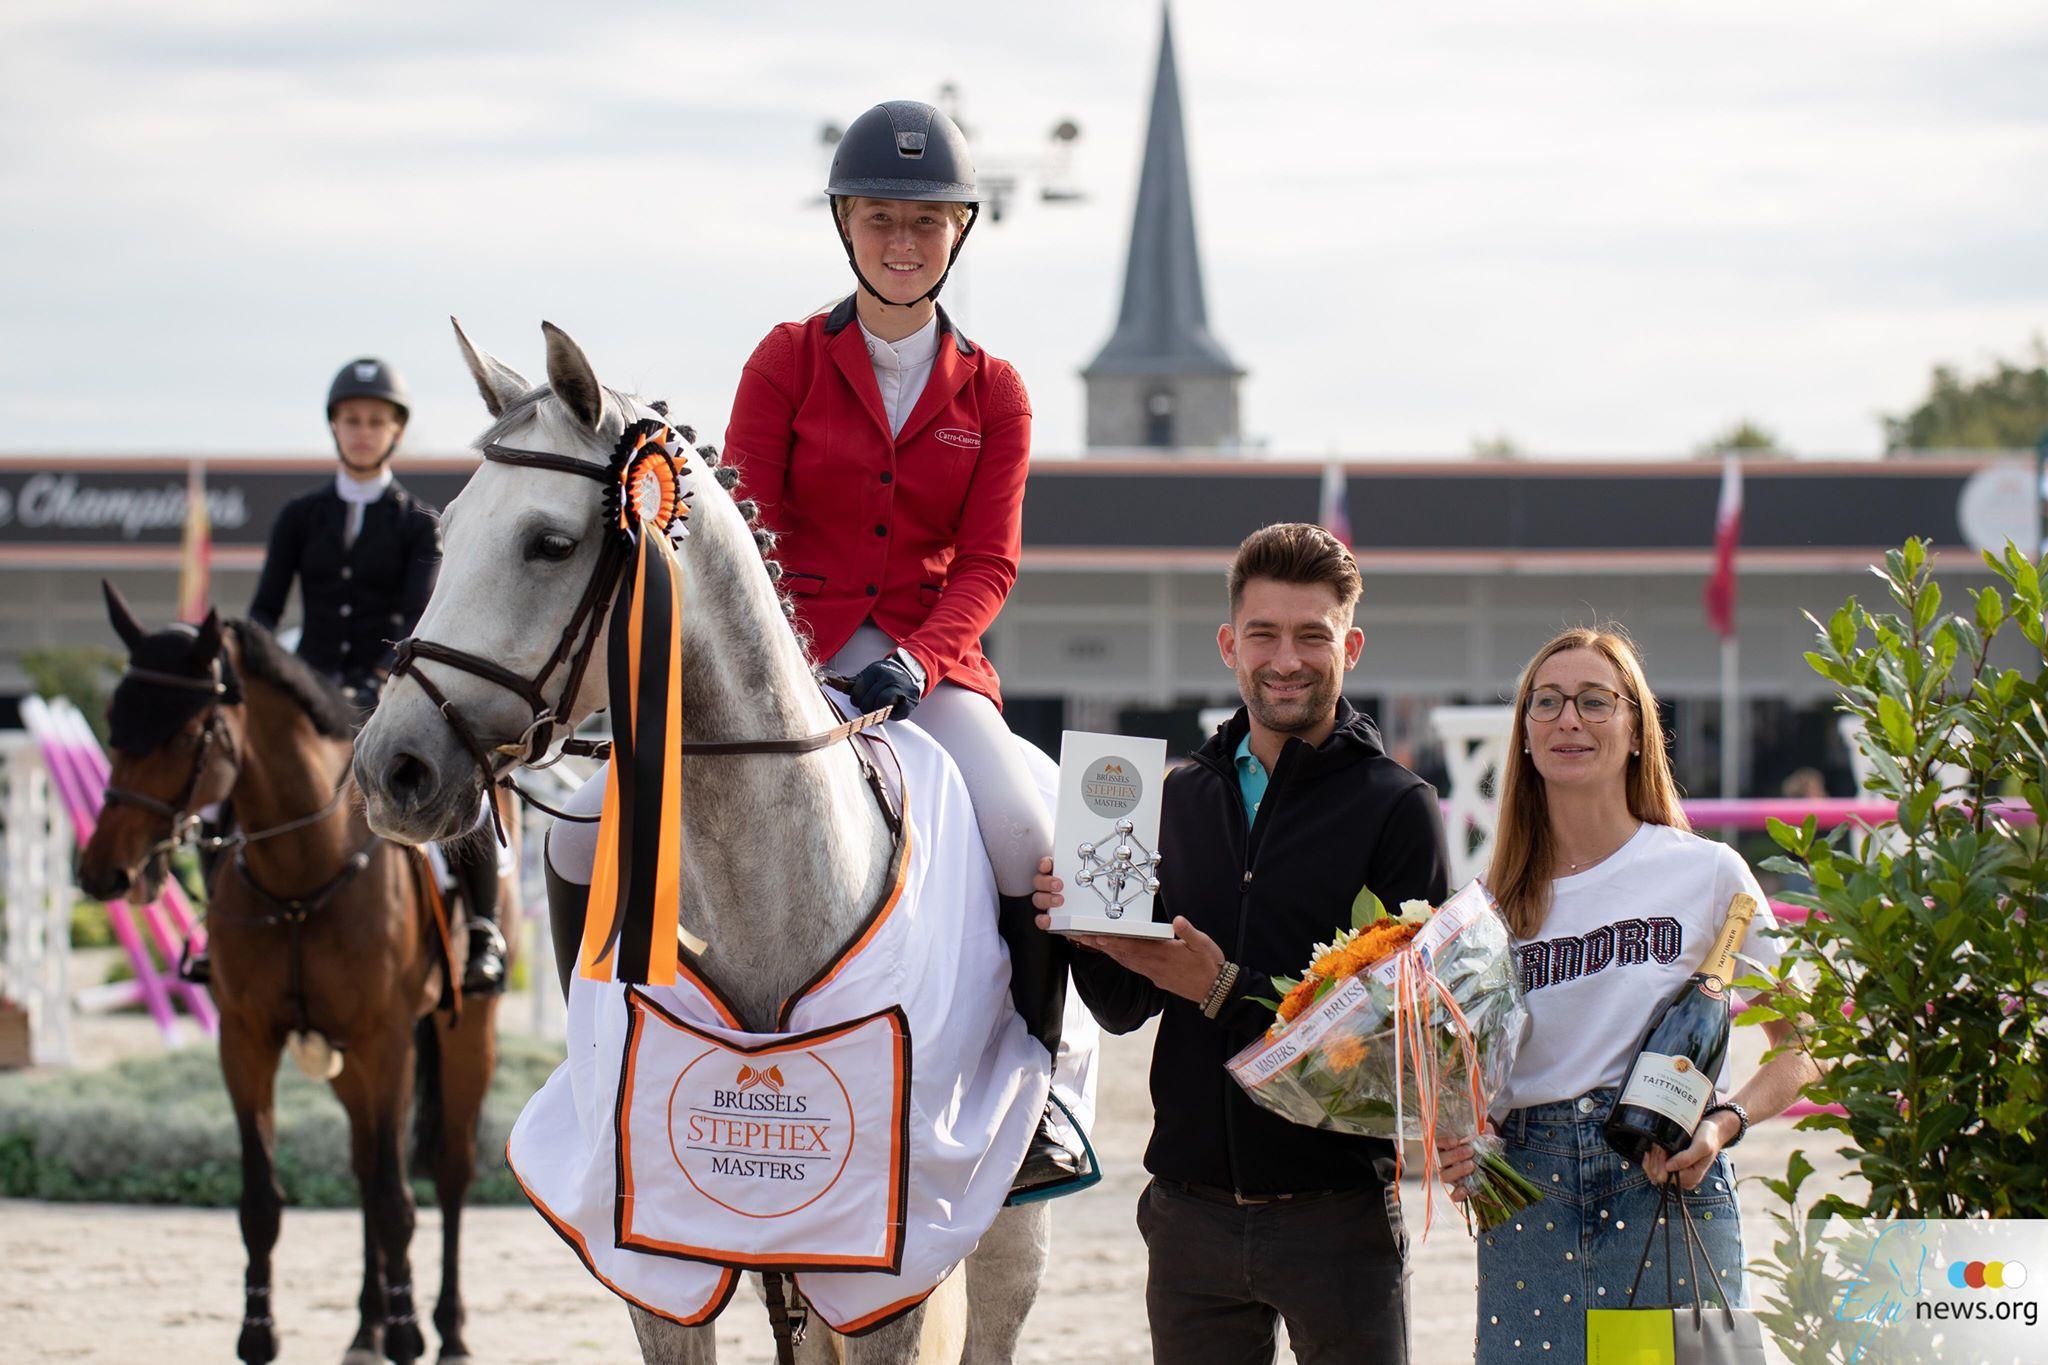 Anke de Breucker au sommet , Jimmy Vandeven prend la troisième place à Bruxelles